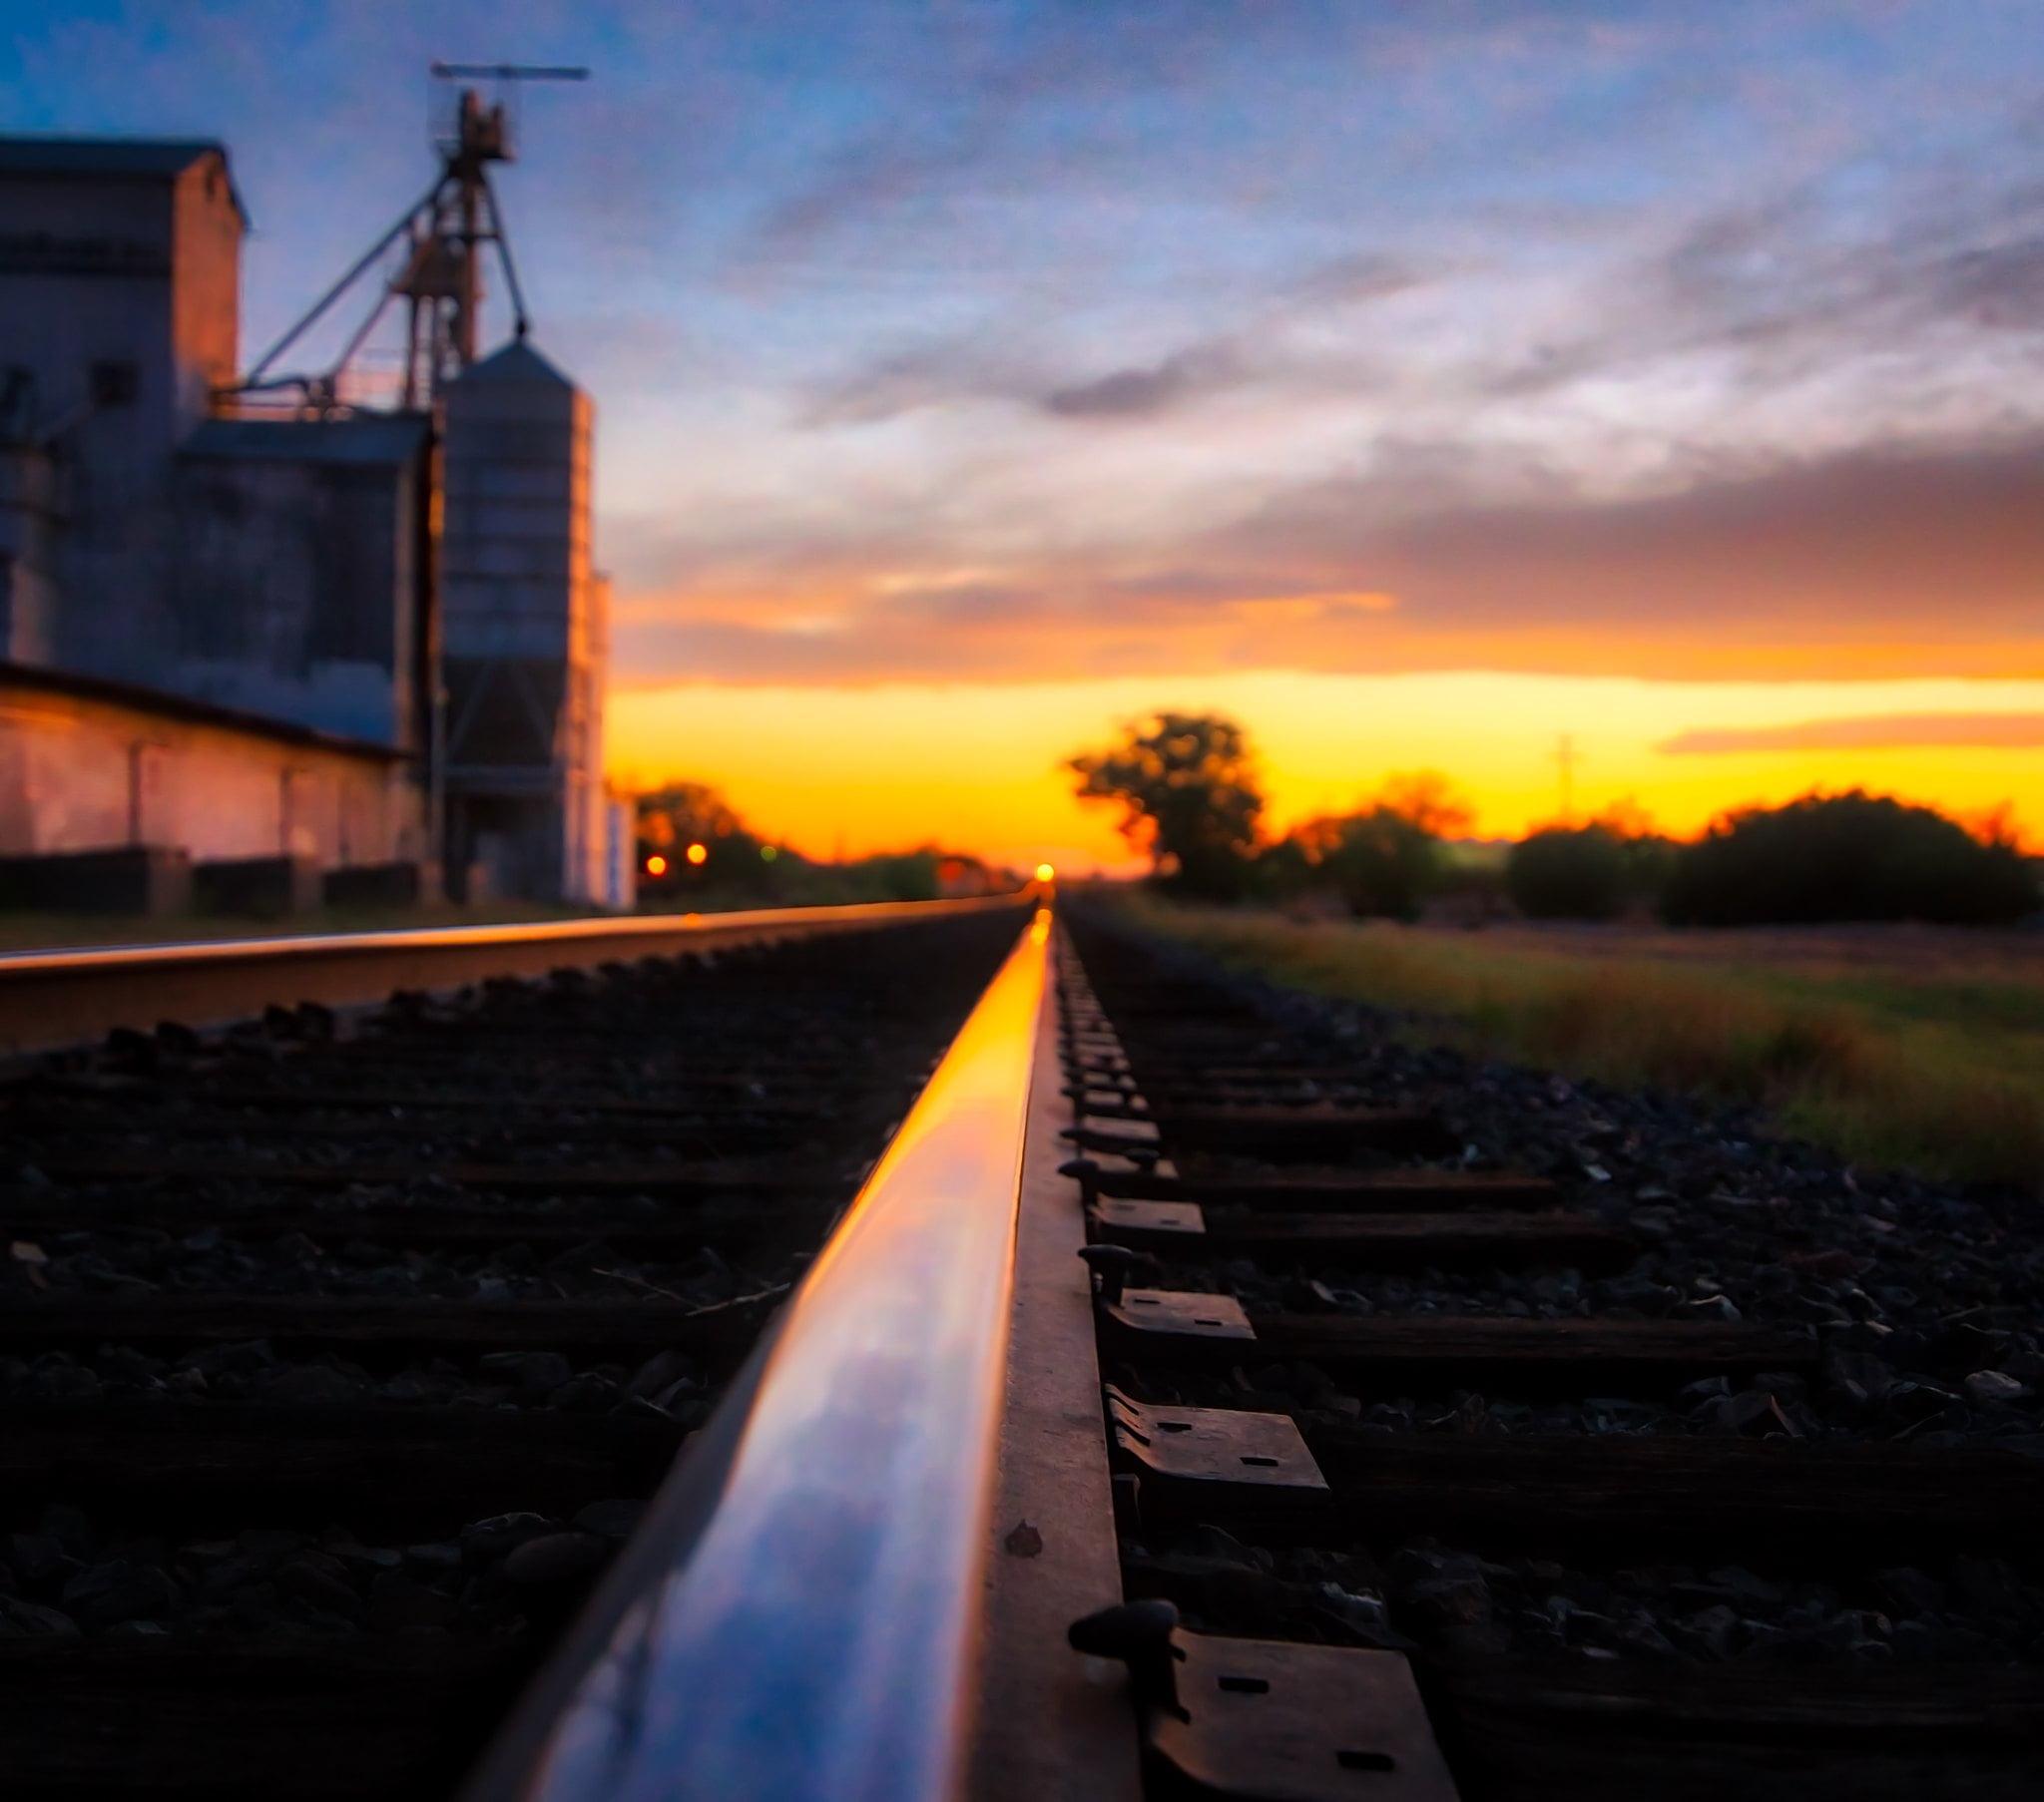 Train Tracks in Marfa TX - photo by sbmeaper1 under CC0 1.0